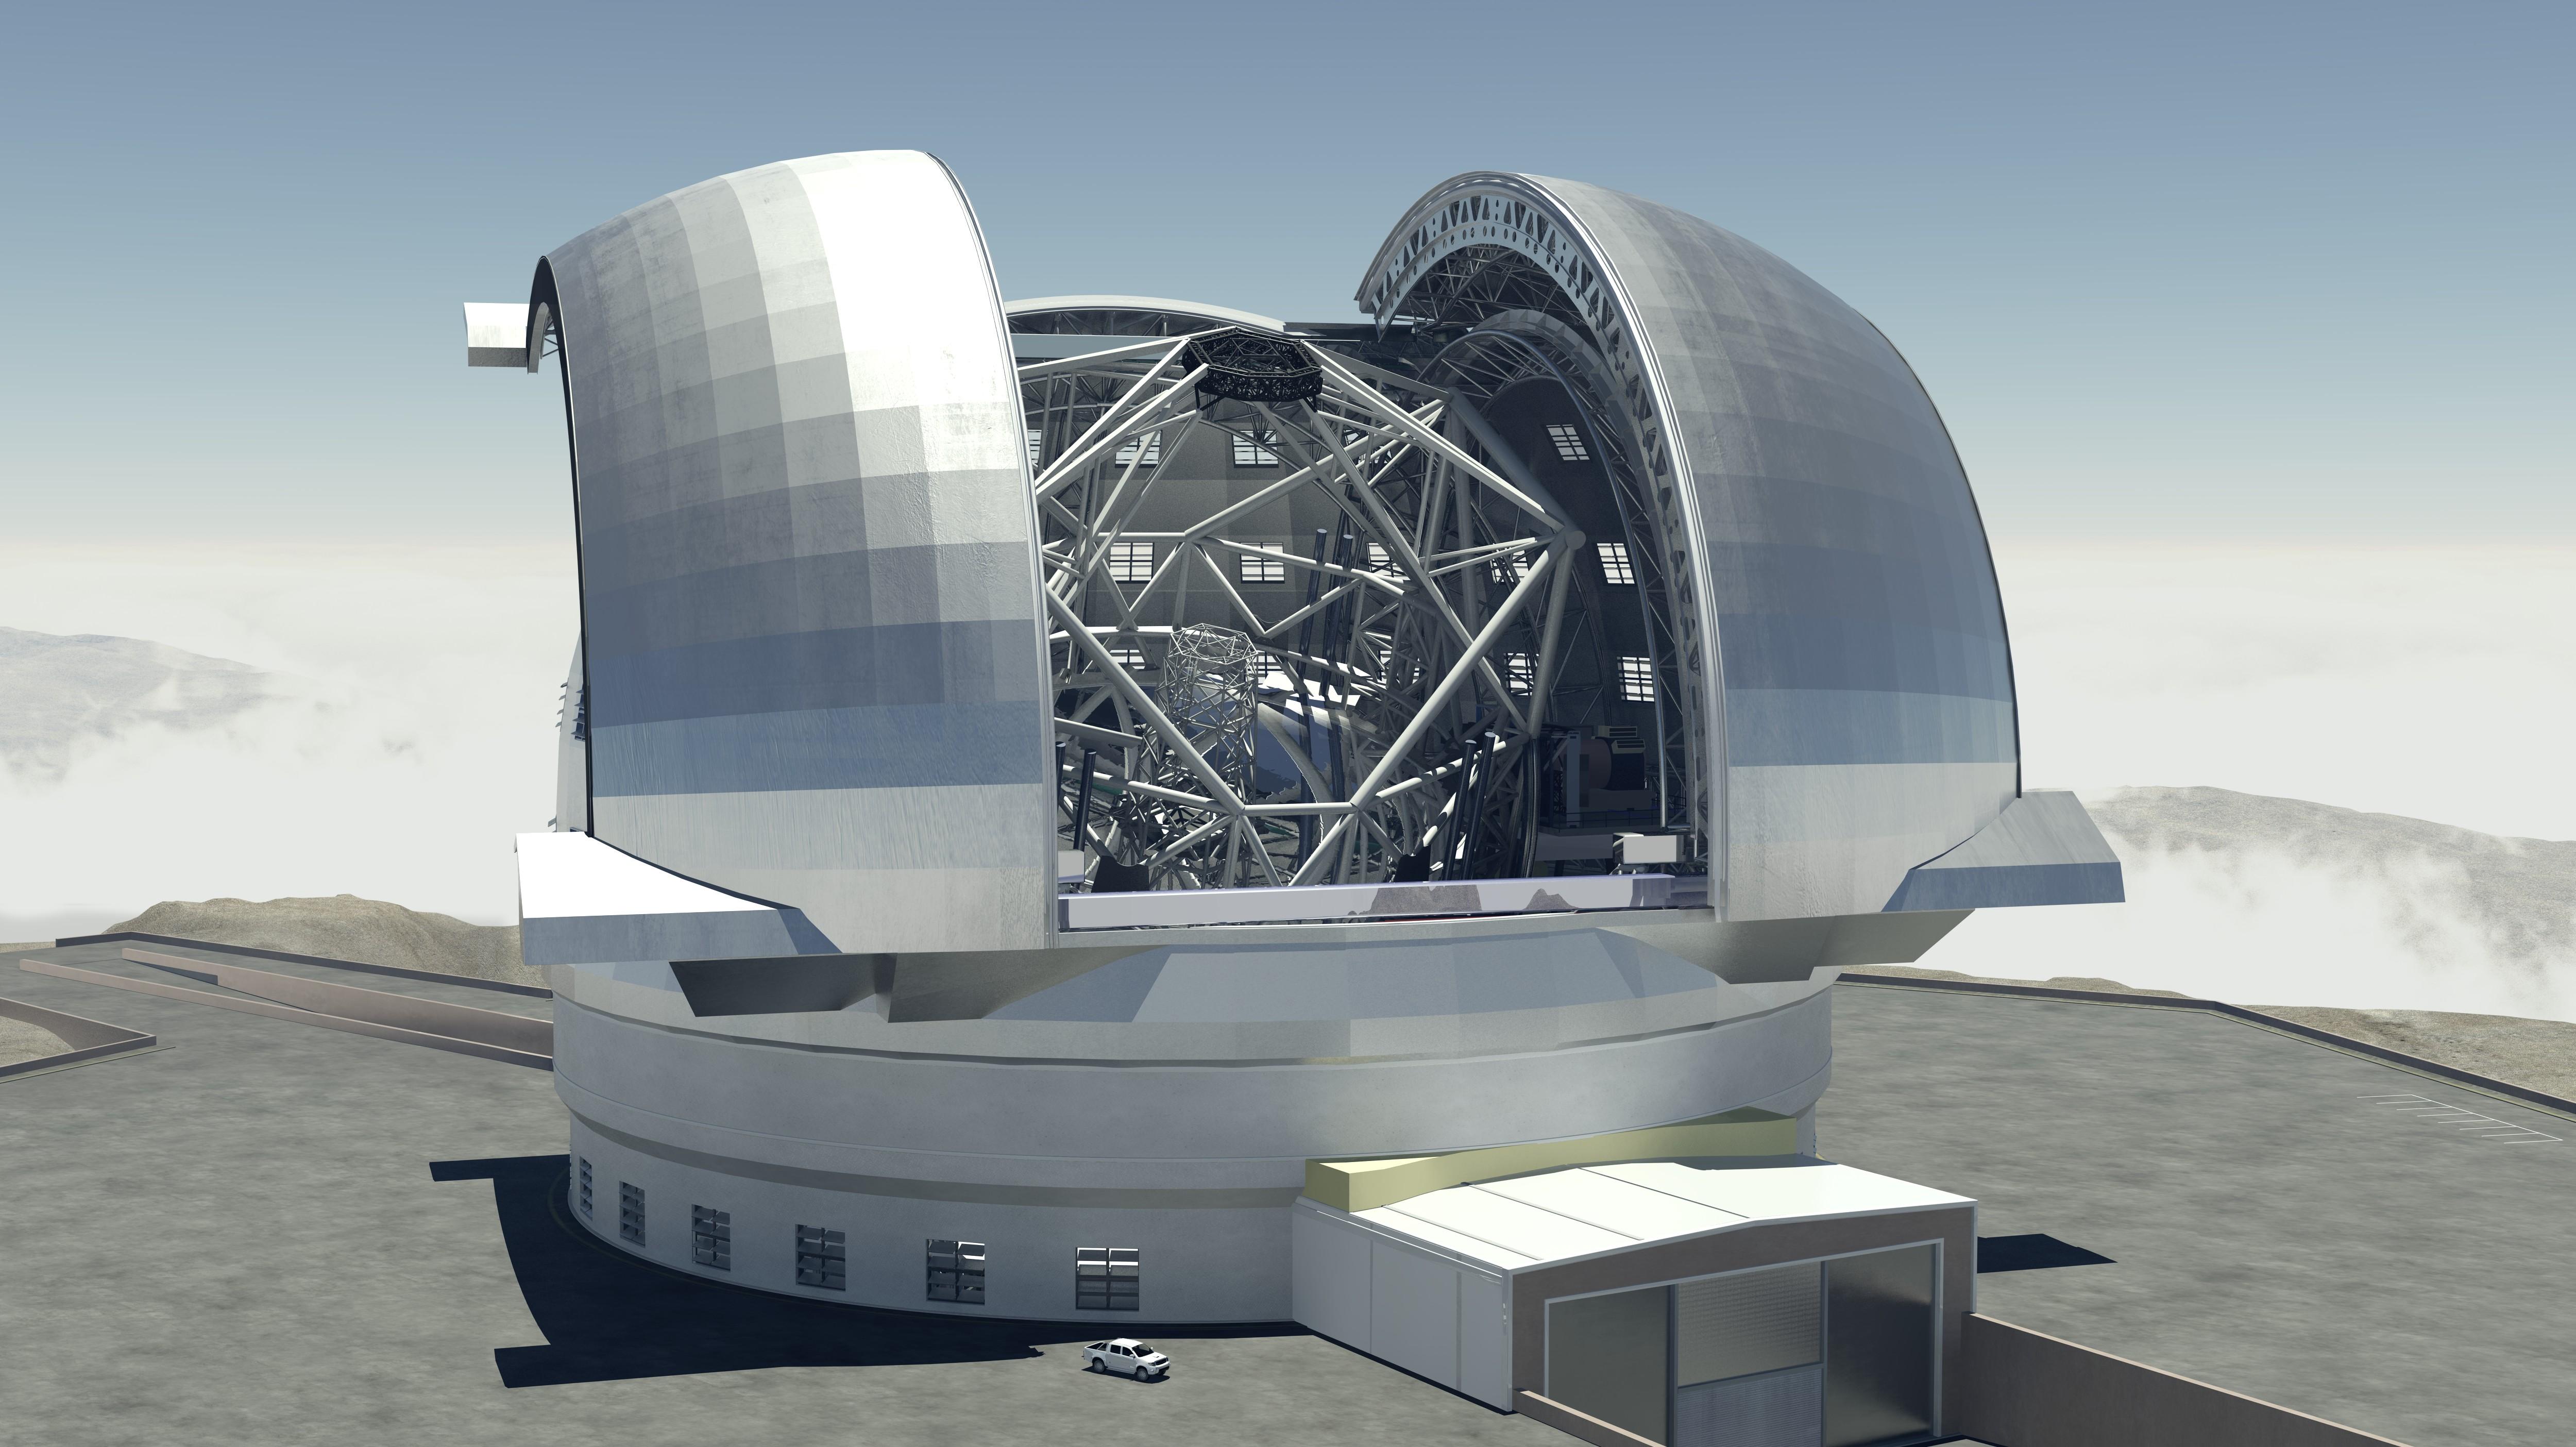 Extremely Large Telescope - Wikipedia